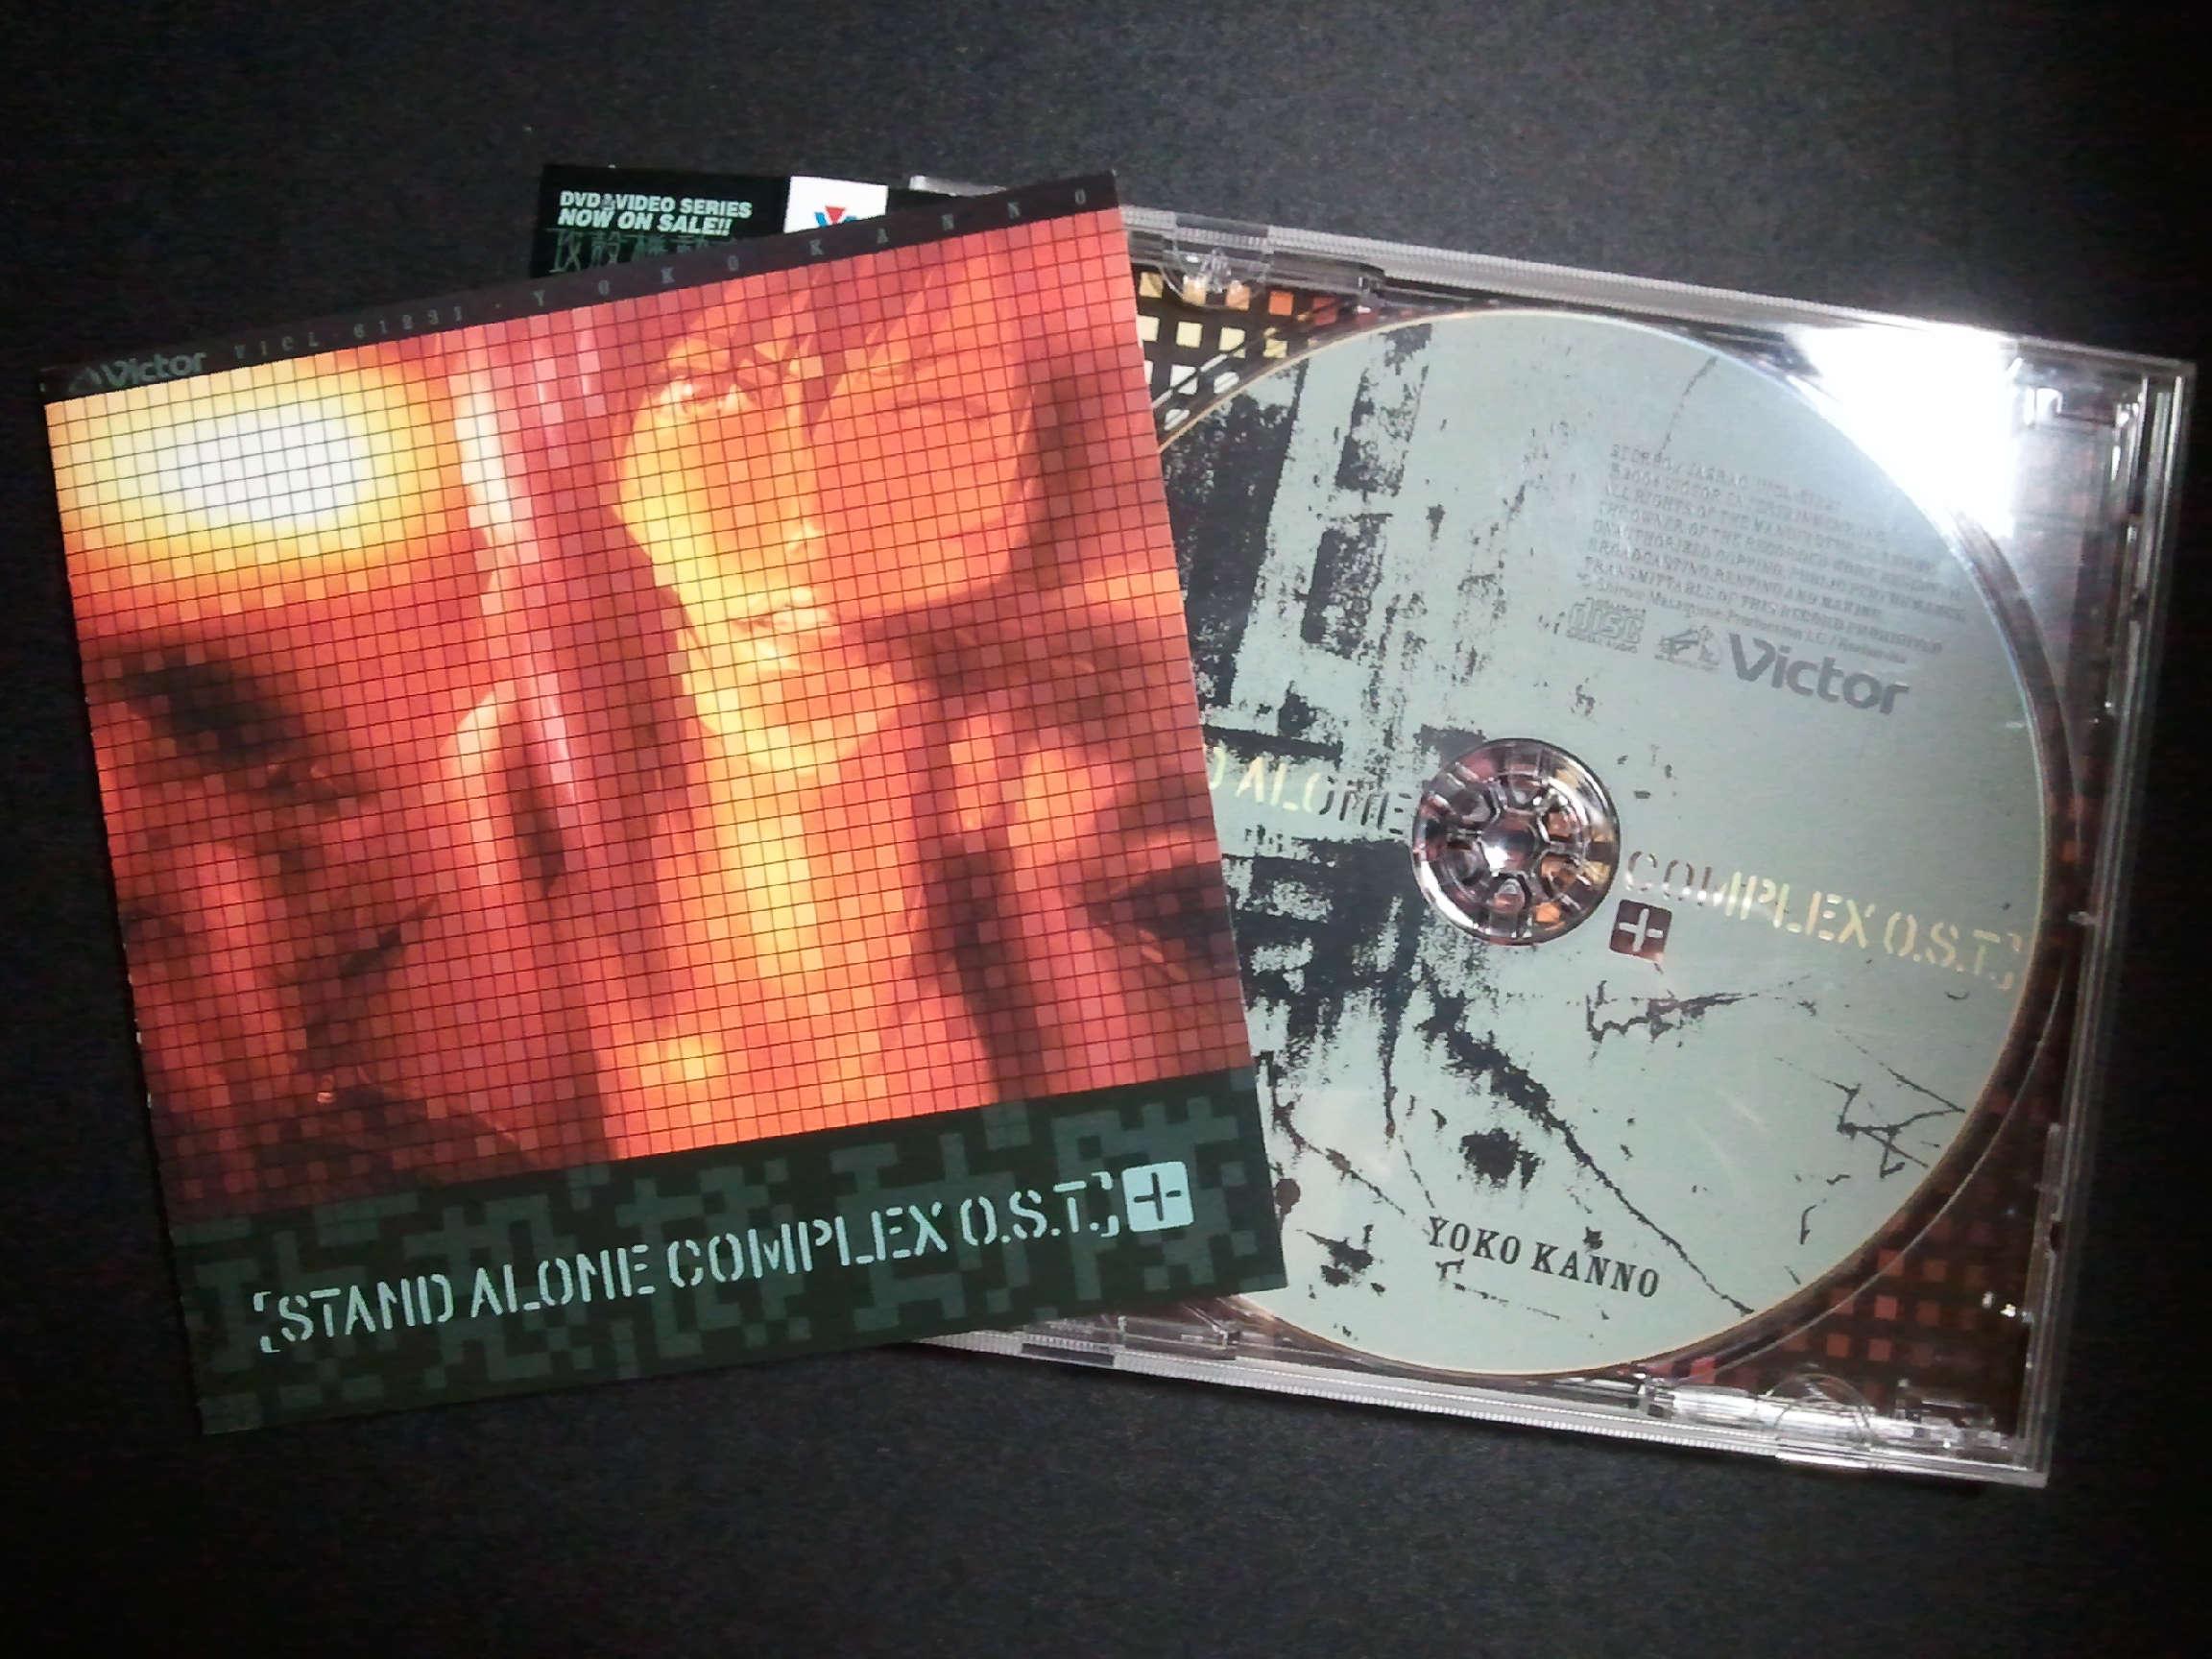 攻殻機動隊 Stand Alone Complex OST